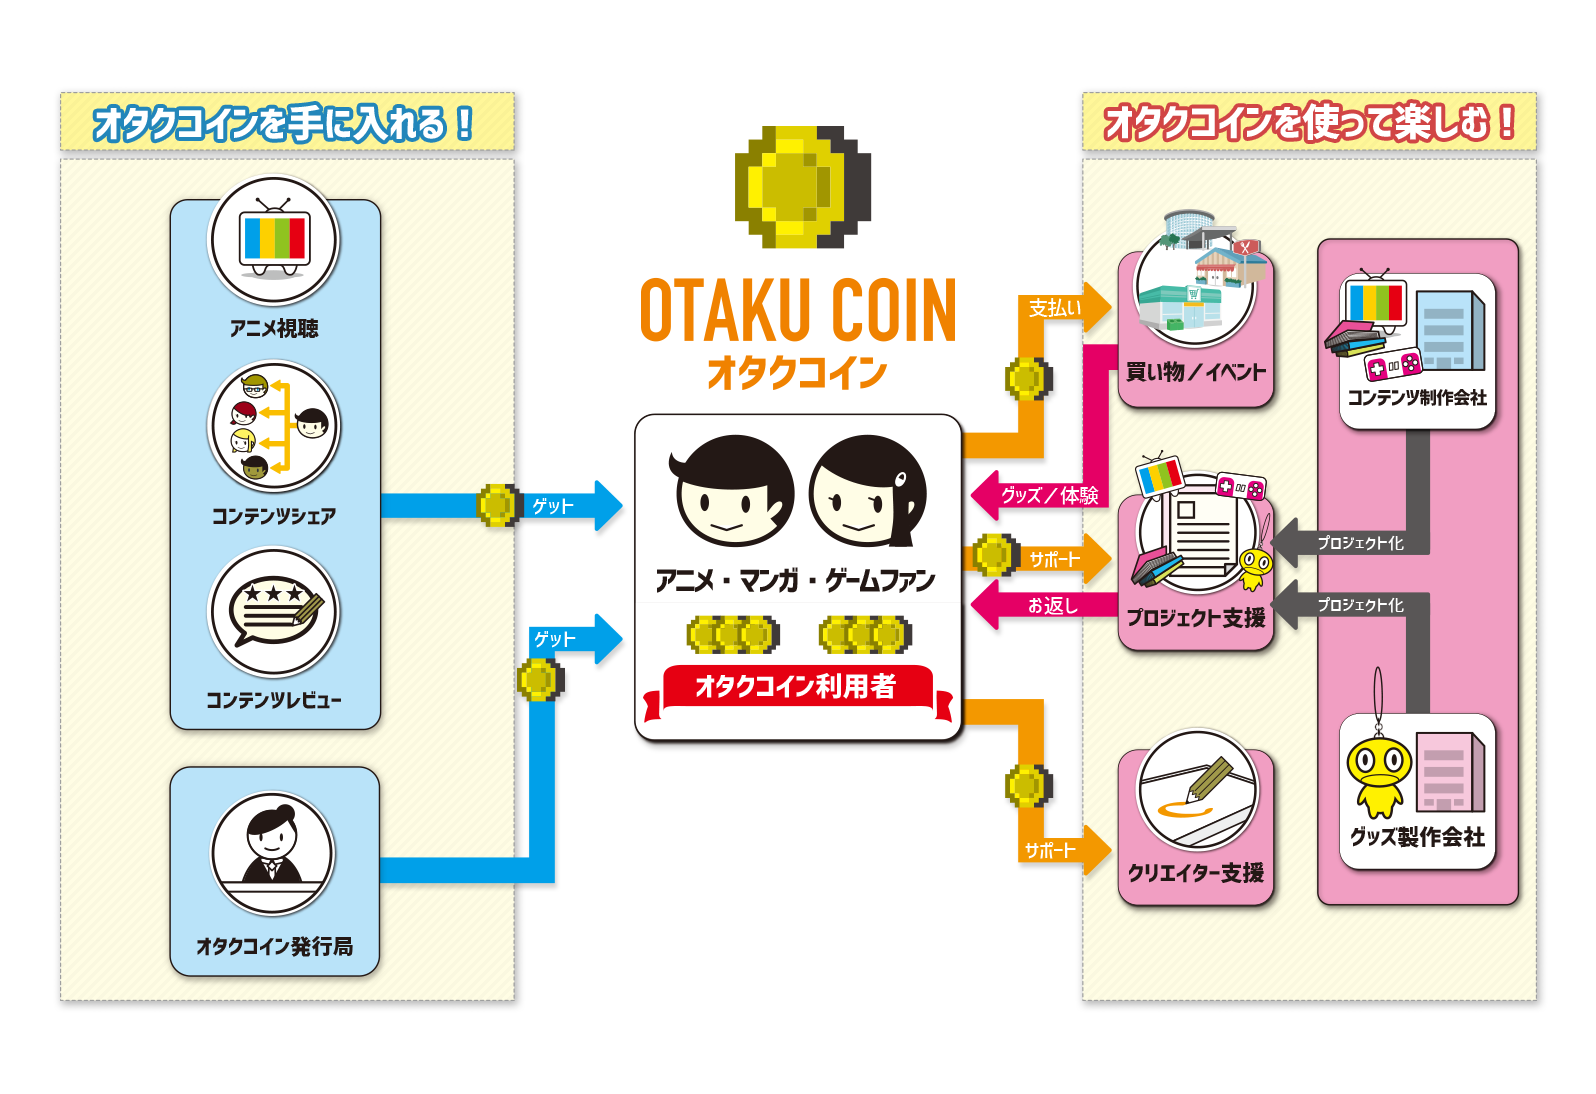 otakucoin_outline_psd_j1.png